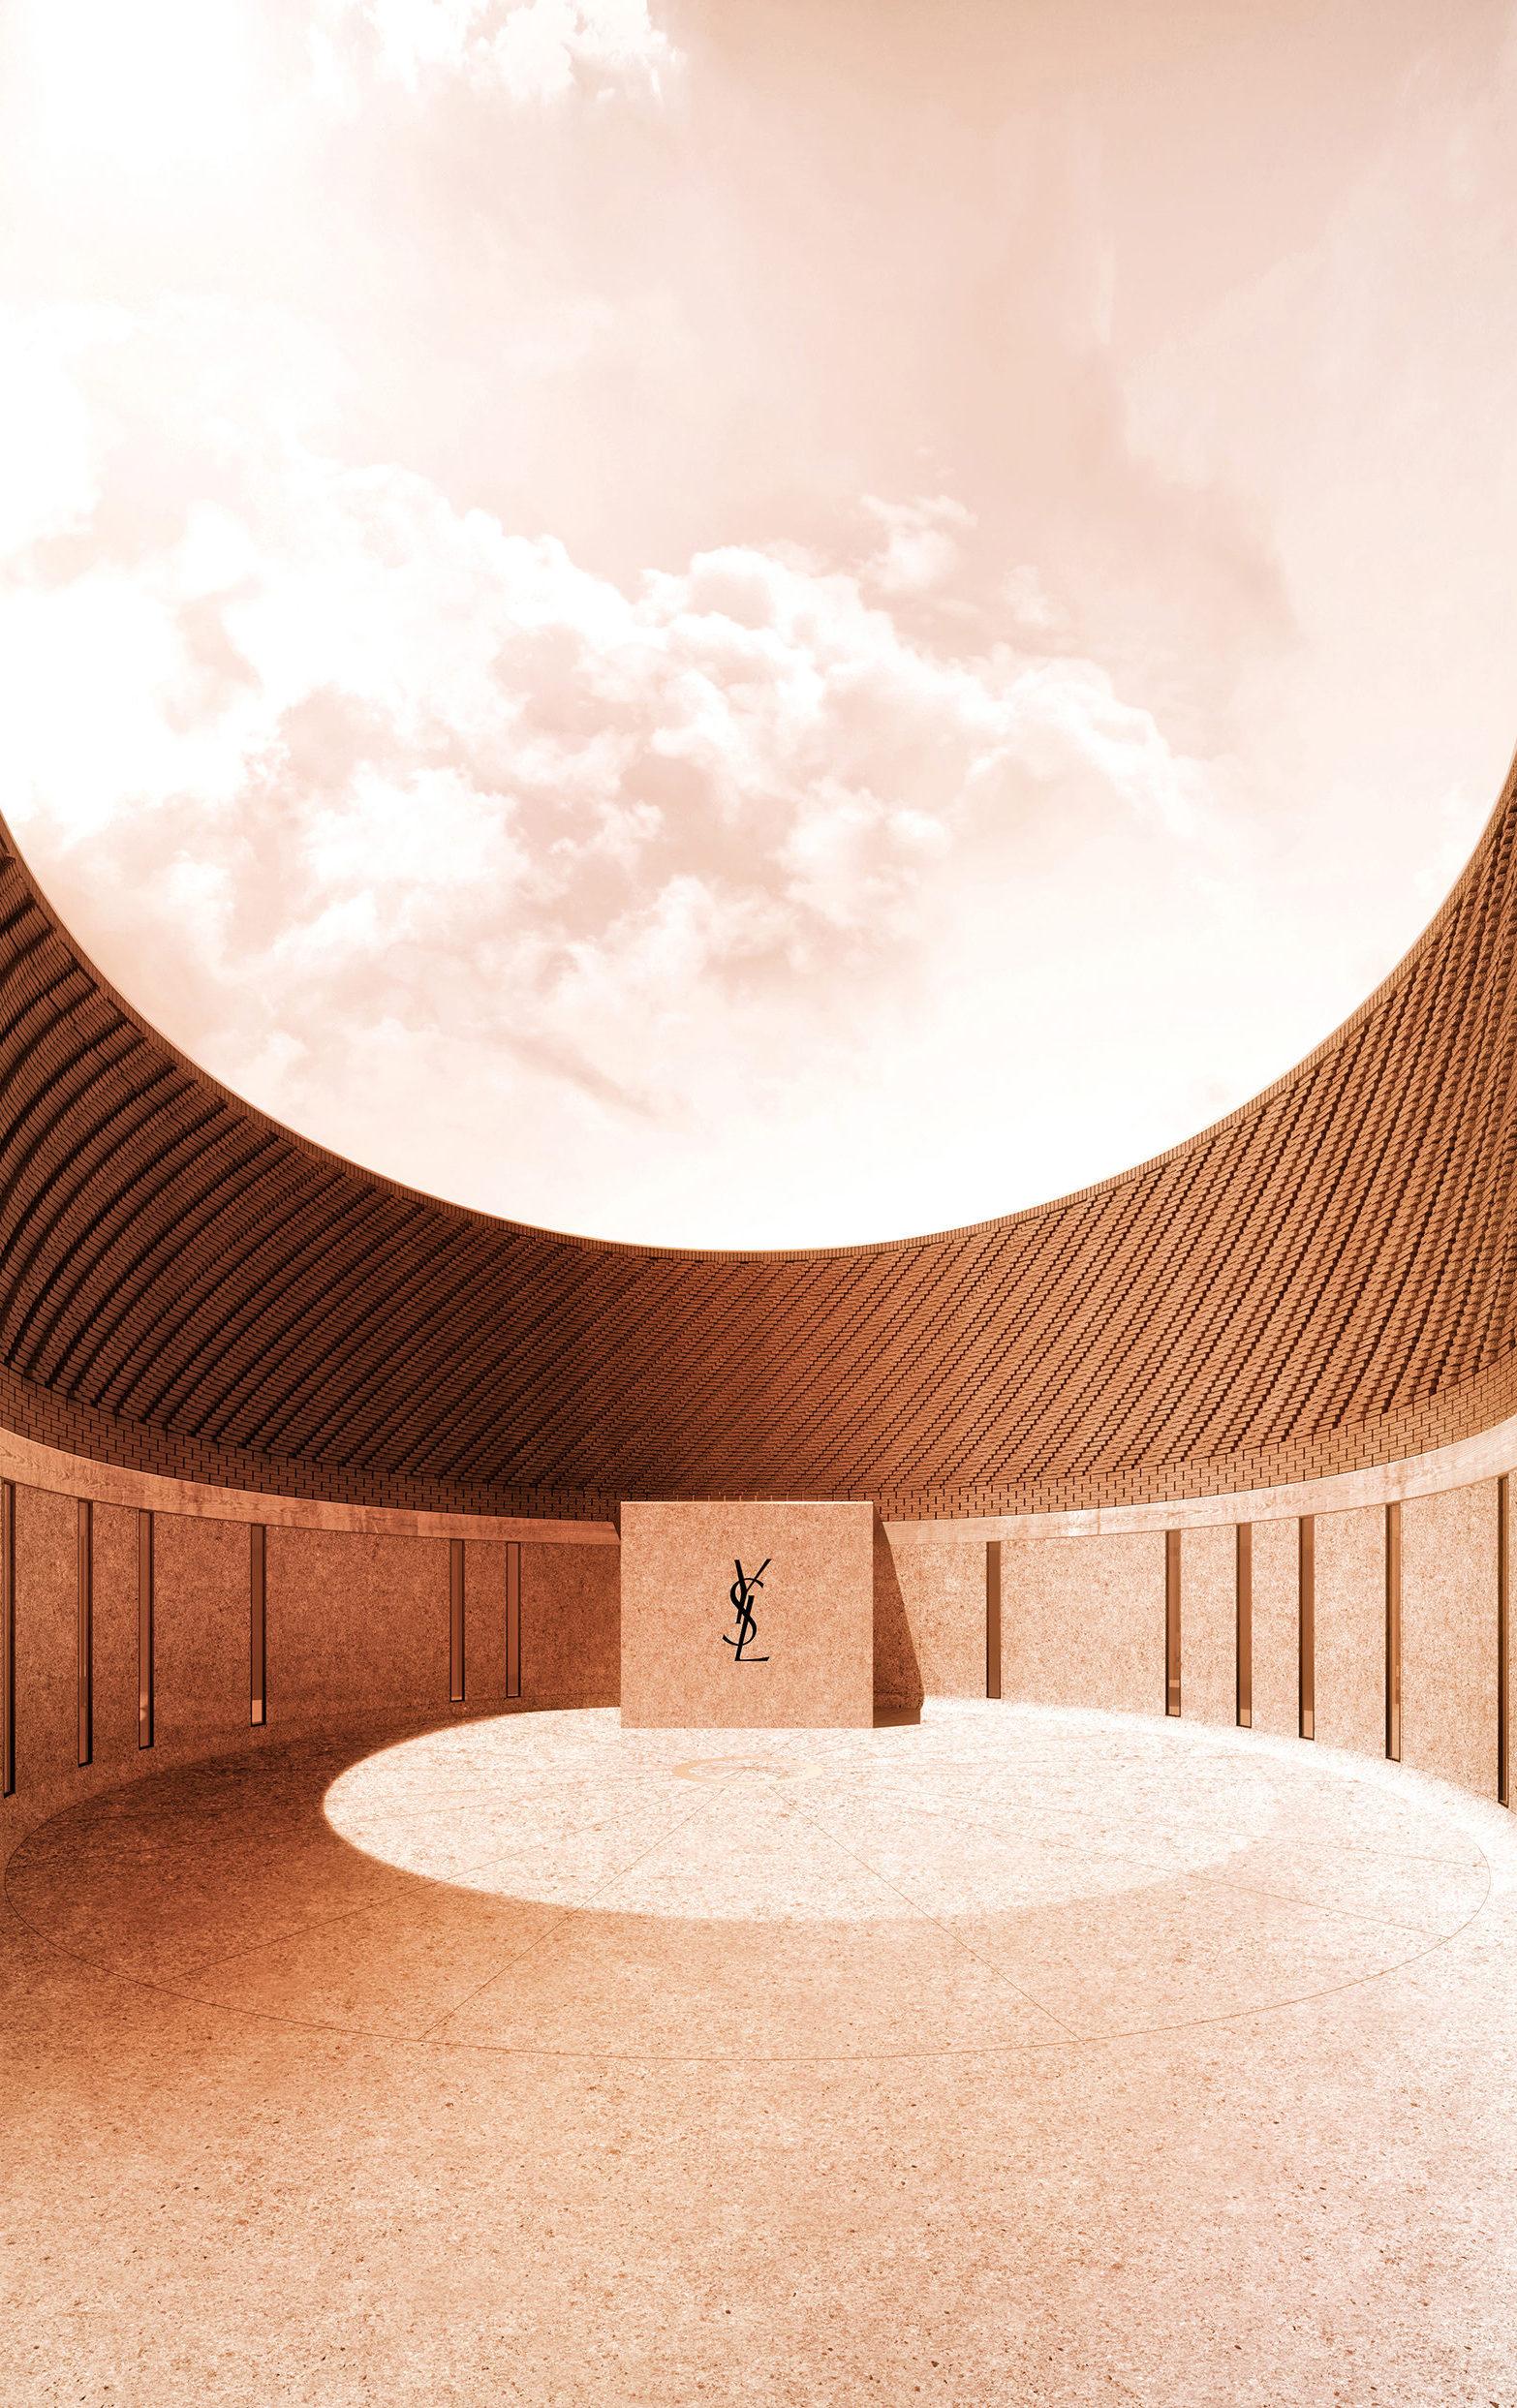 Musée Yves Saint Laurent Marrakech, entrance courtyard (c) 2016 Studio KO Fondation Pierre Bergé Yves Saint Laurent